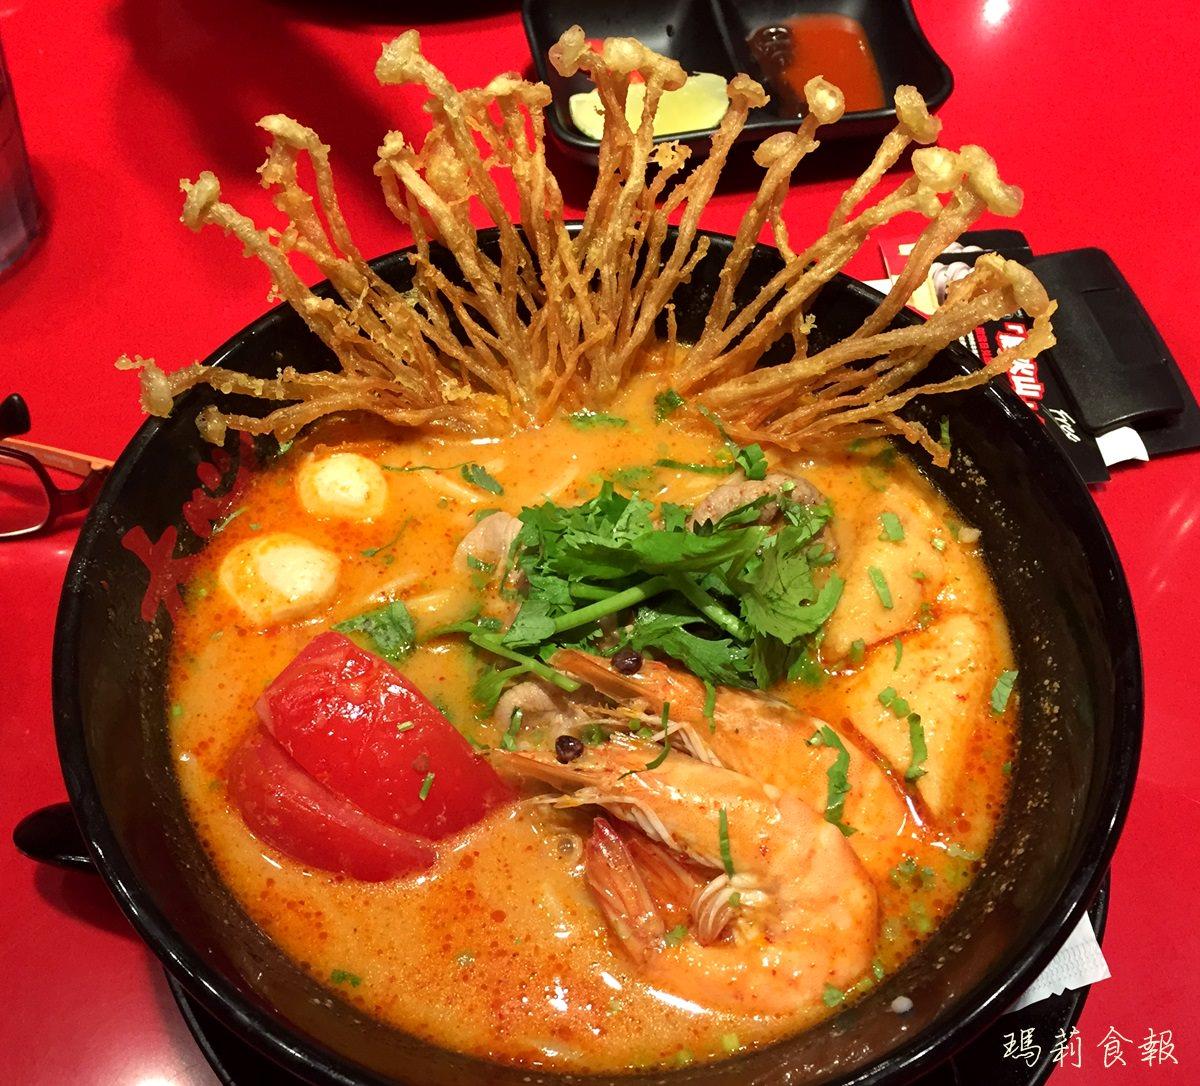 台中北區,中友百貨公司美食餐廳懶人包